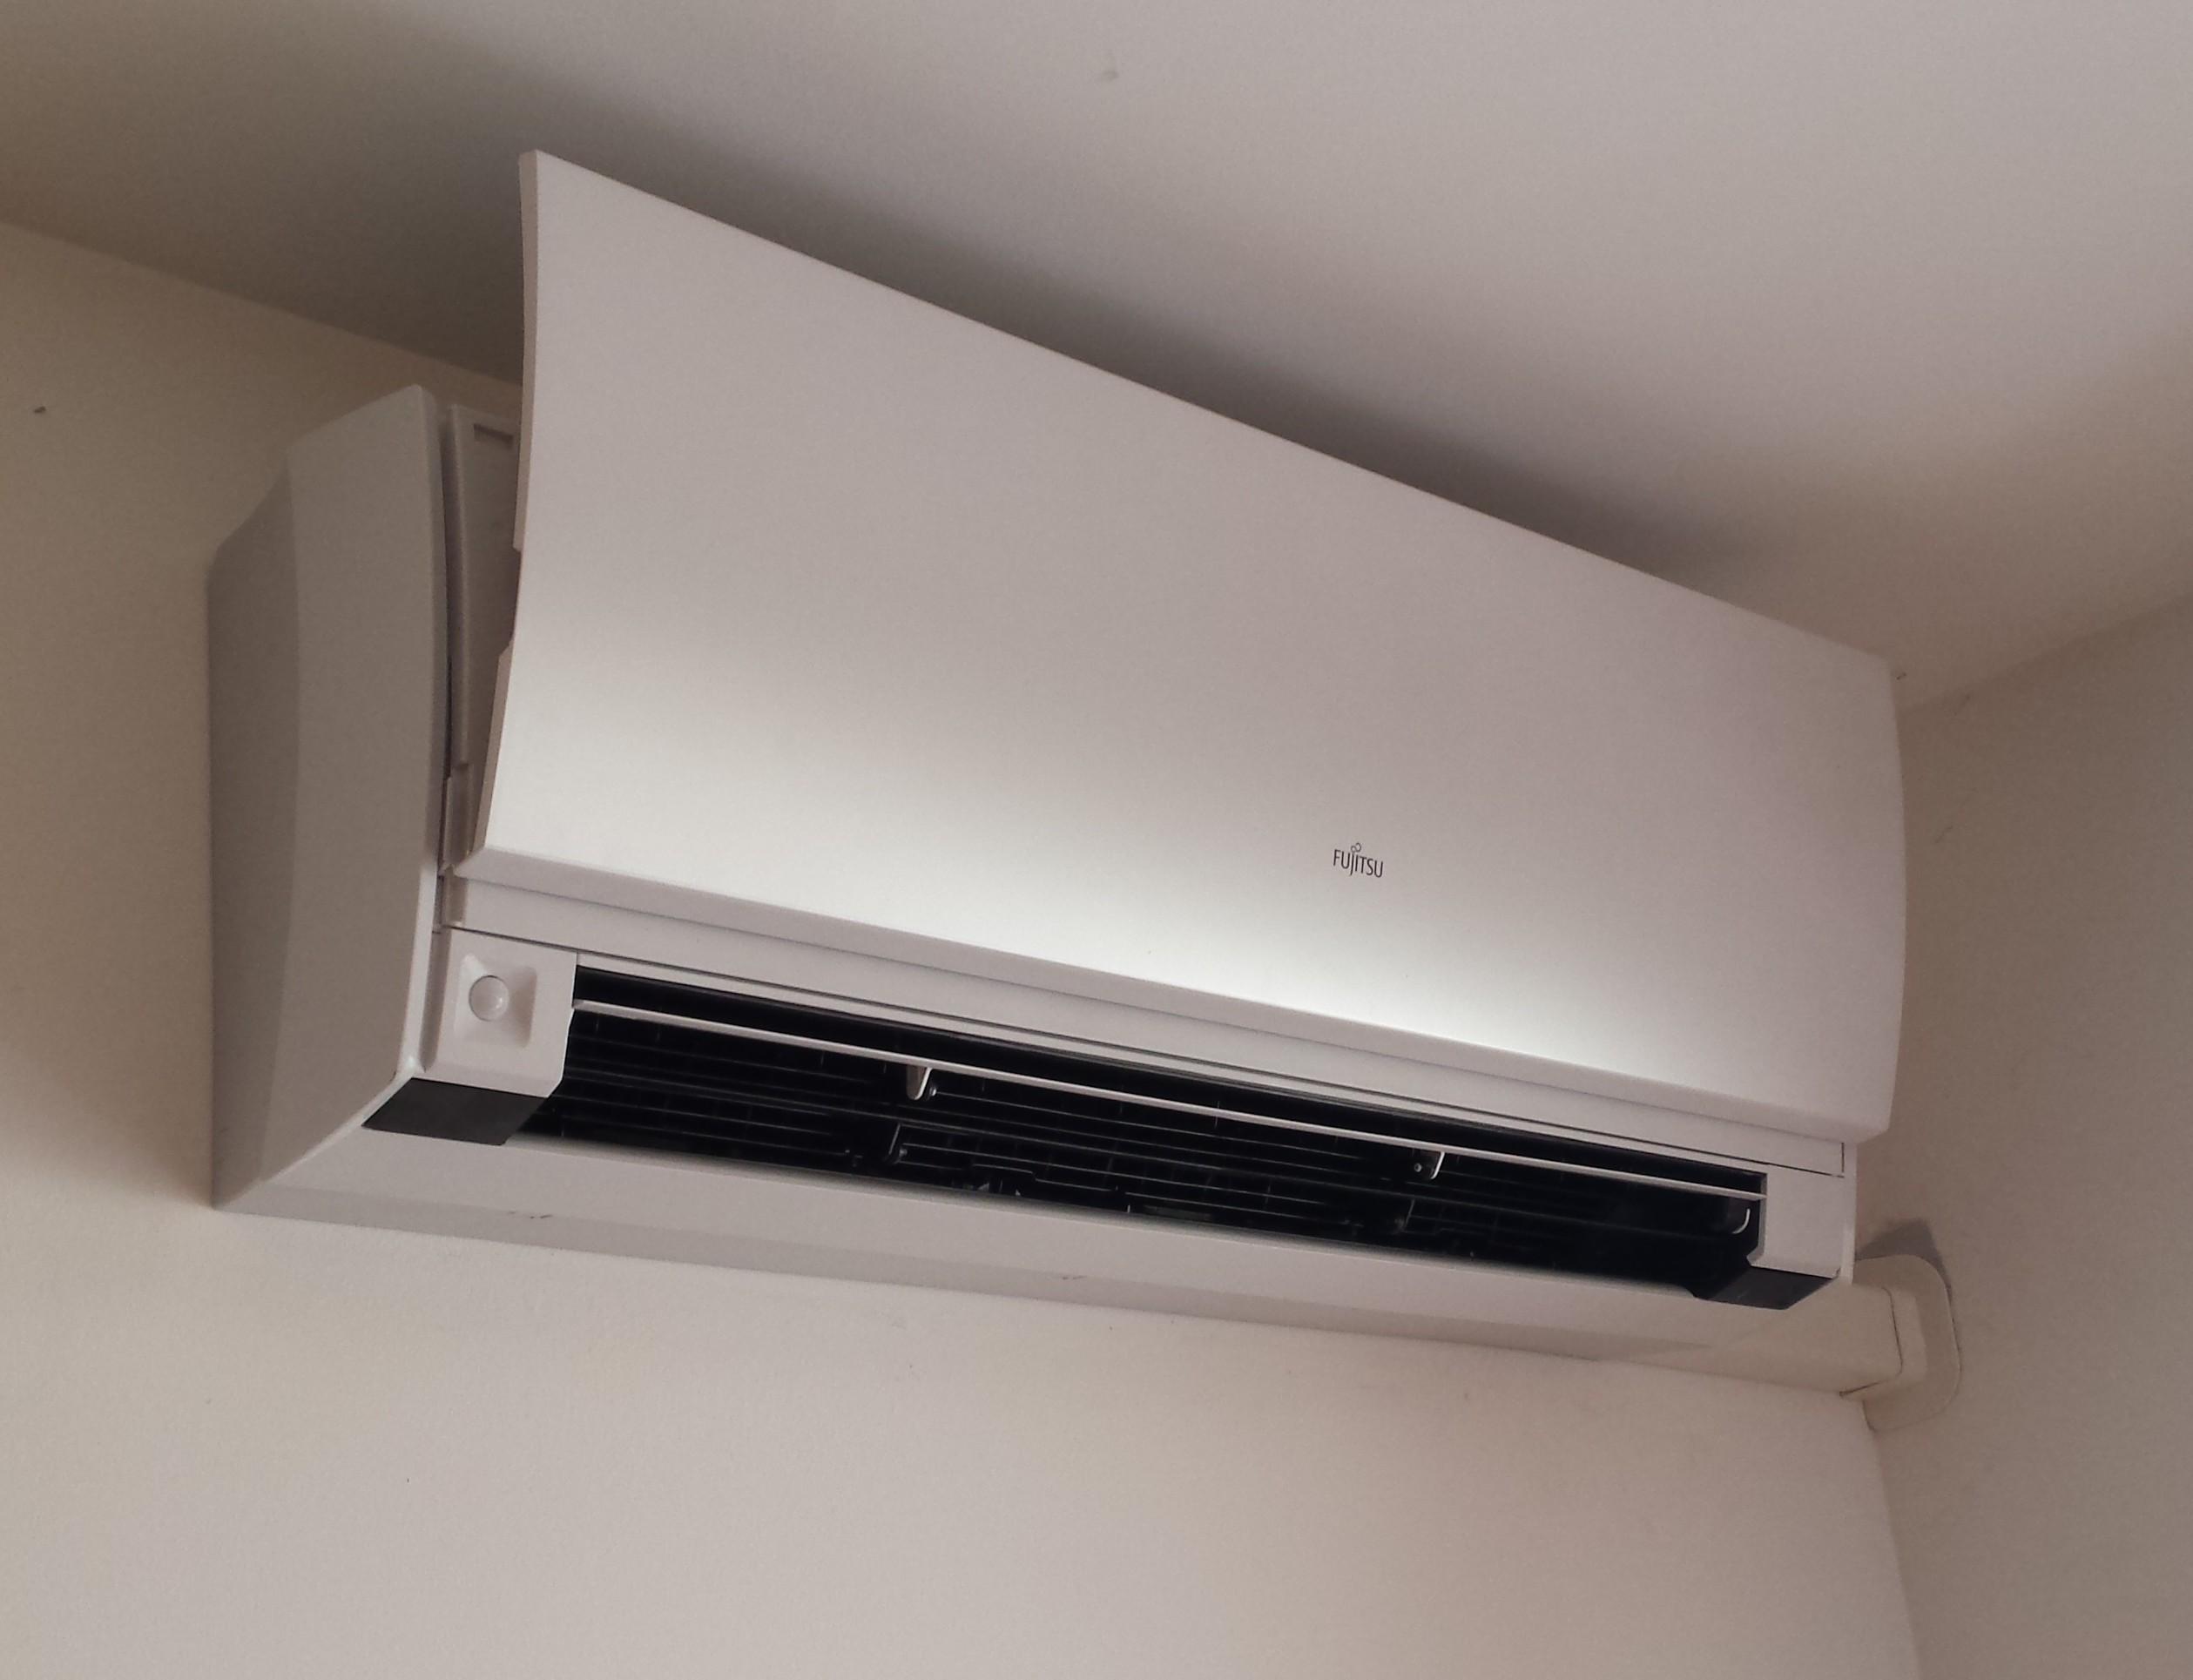 fujitsu-klima-uređaji-rijeka-asyg-ltca-r-m-frigo-prodaja-montaža-cijena-akcija